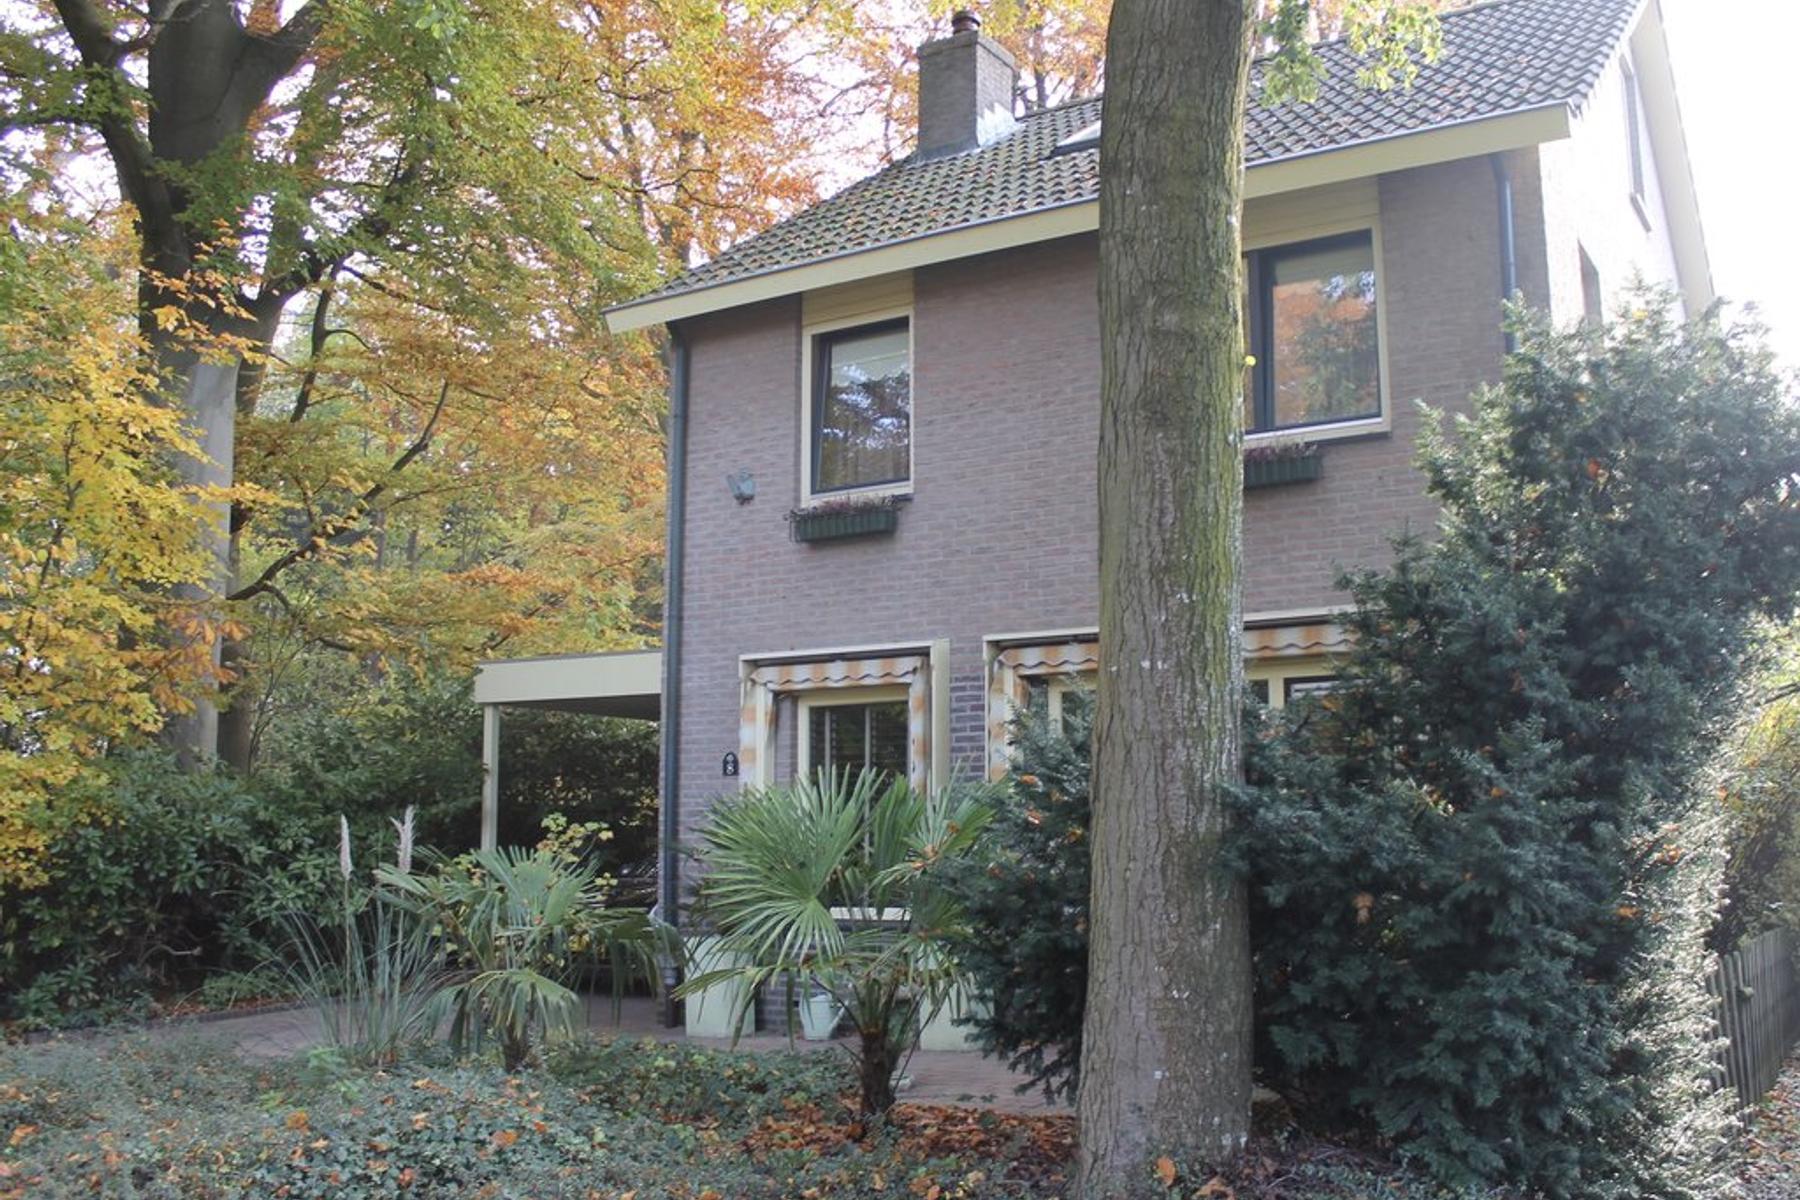 Pskovlaan 8 in Nijmegen 6544 AK